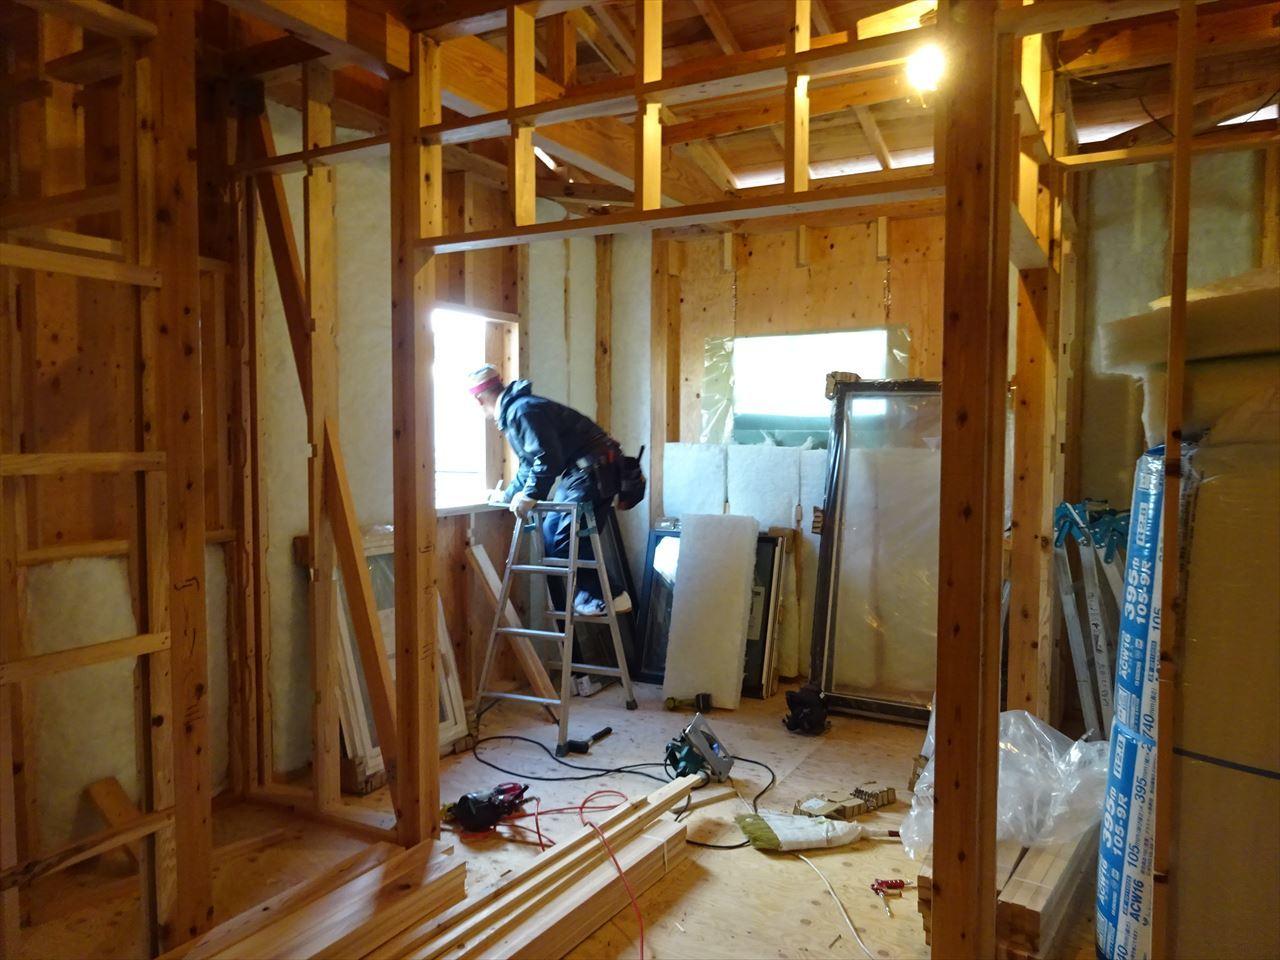 下太田 古材新築の家 建て方作業進行中です。_f0105112_04272493.jpg